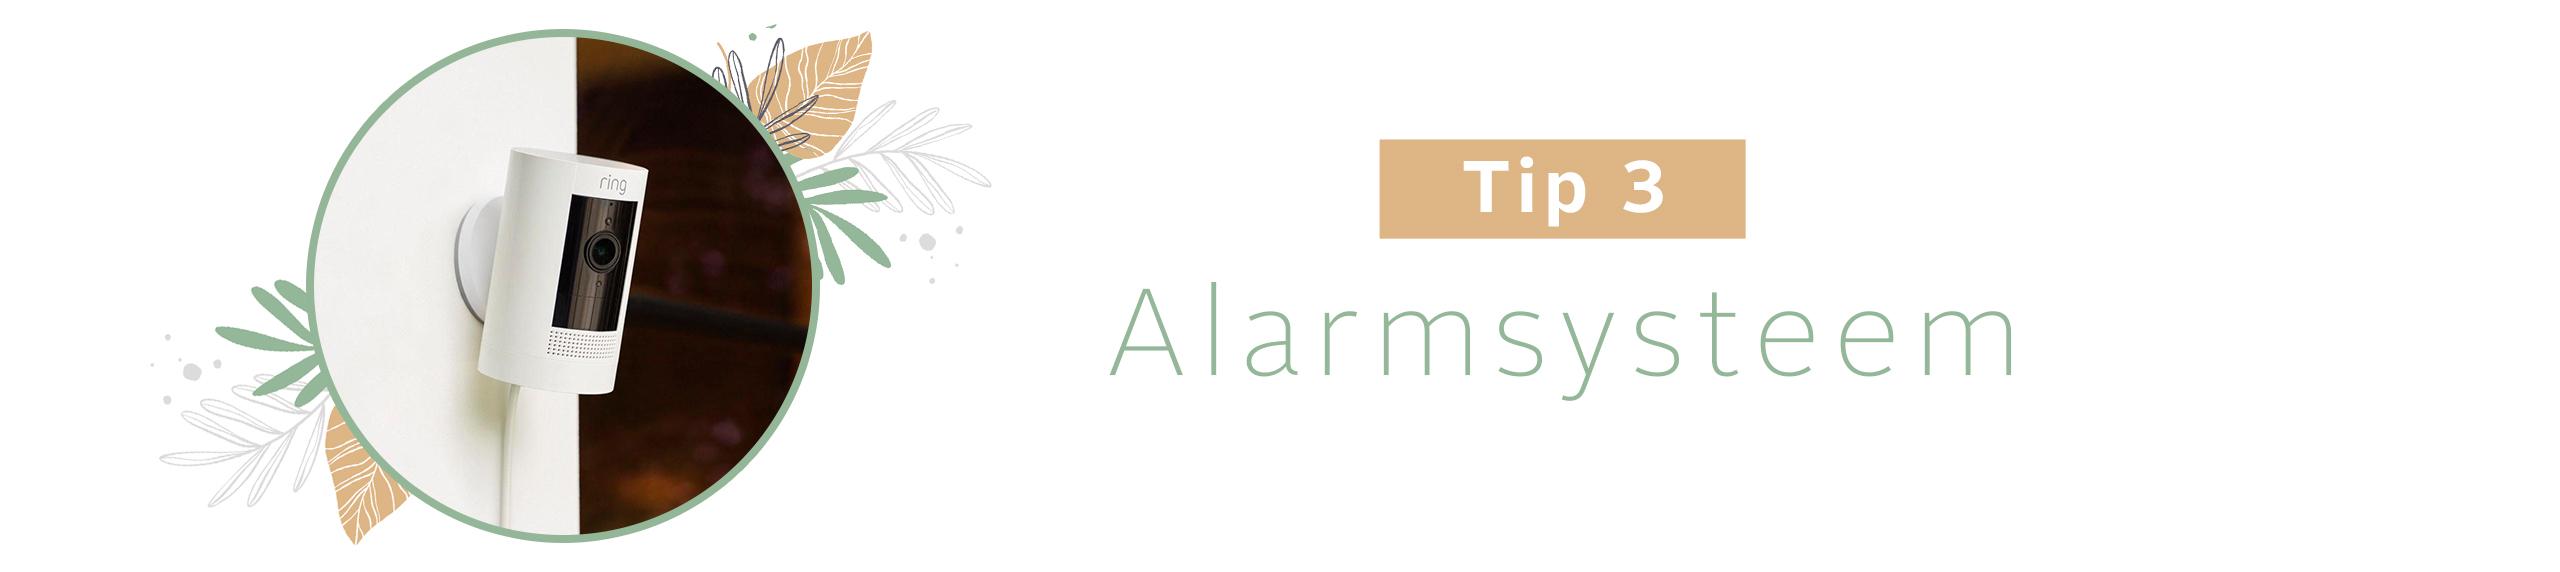 Alarmsysteem huis beveiligen